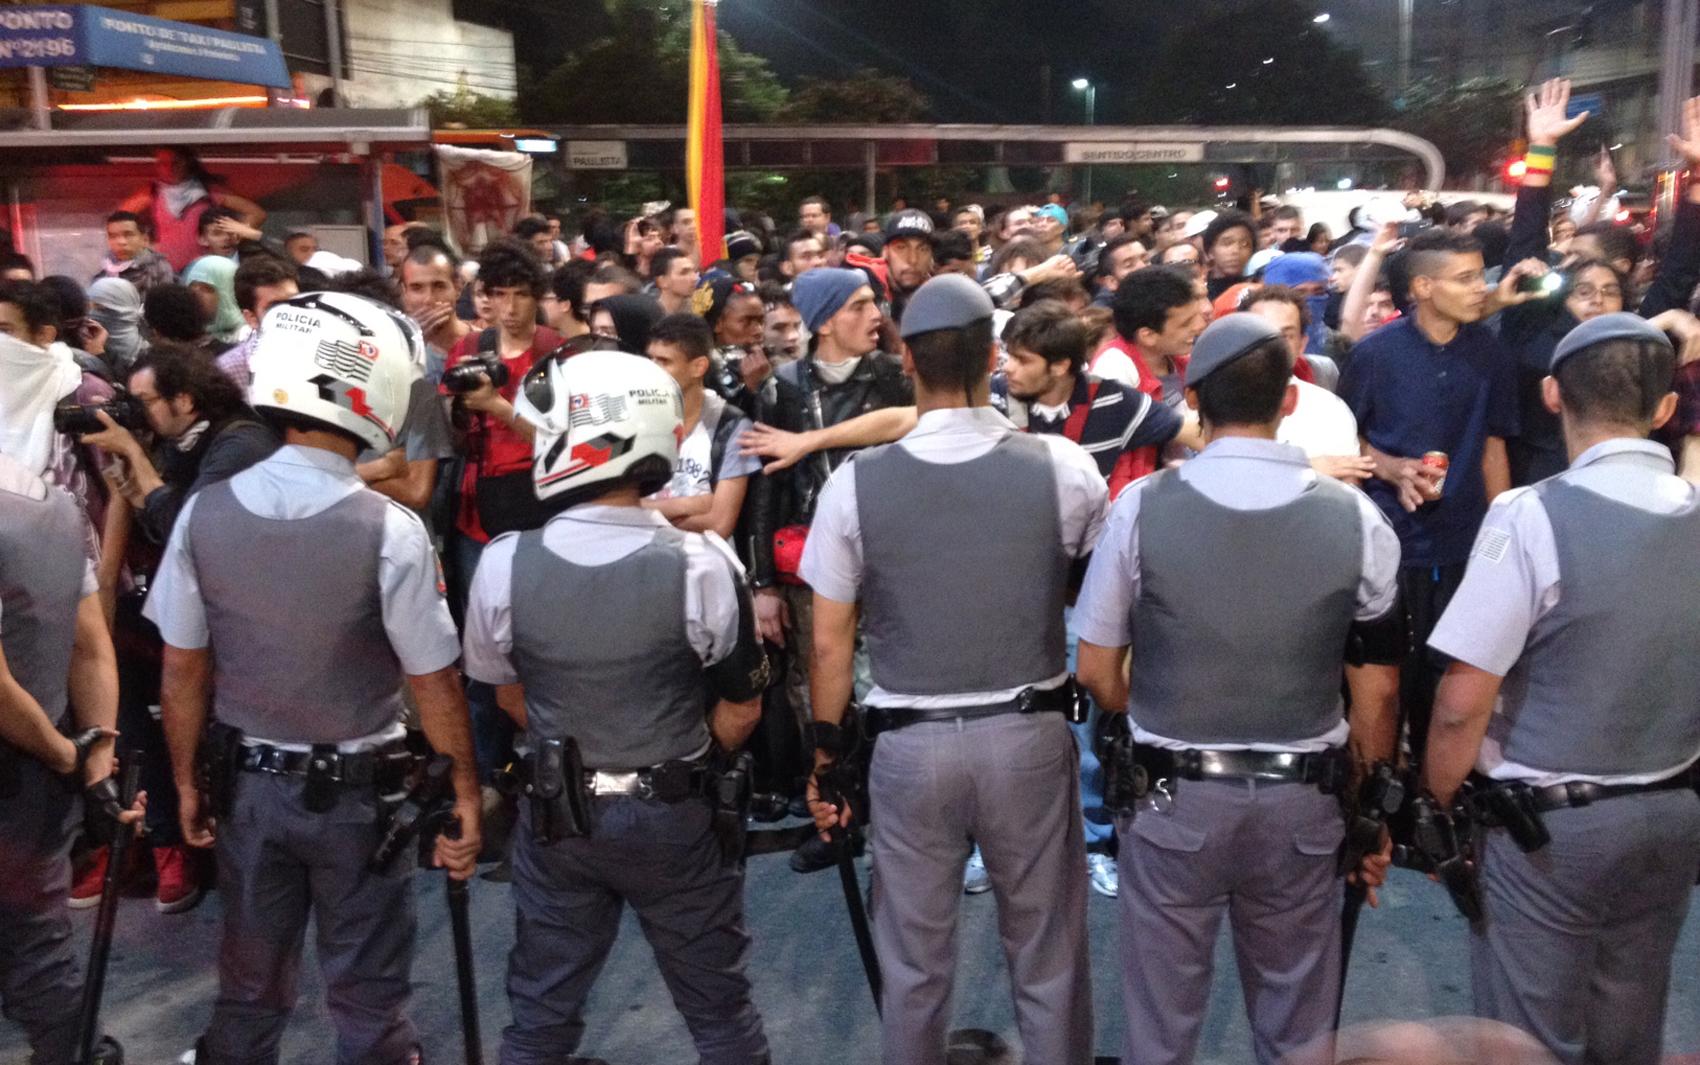 Policiais tentam impedir acesso de manifestantes na Av. Paulista nesta sexta-feira (7), quando São Paulo enfrentou o segundo dia de protesto contra o aumento da tarifa de transporte coletivo.